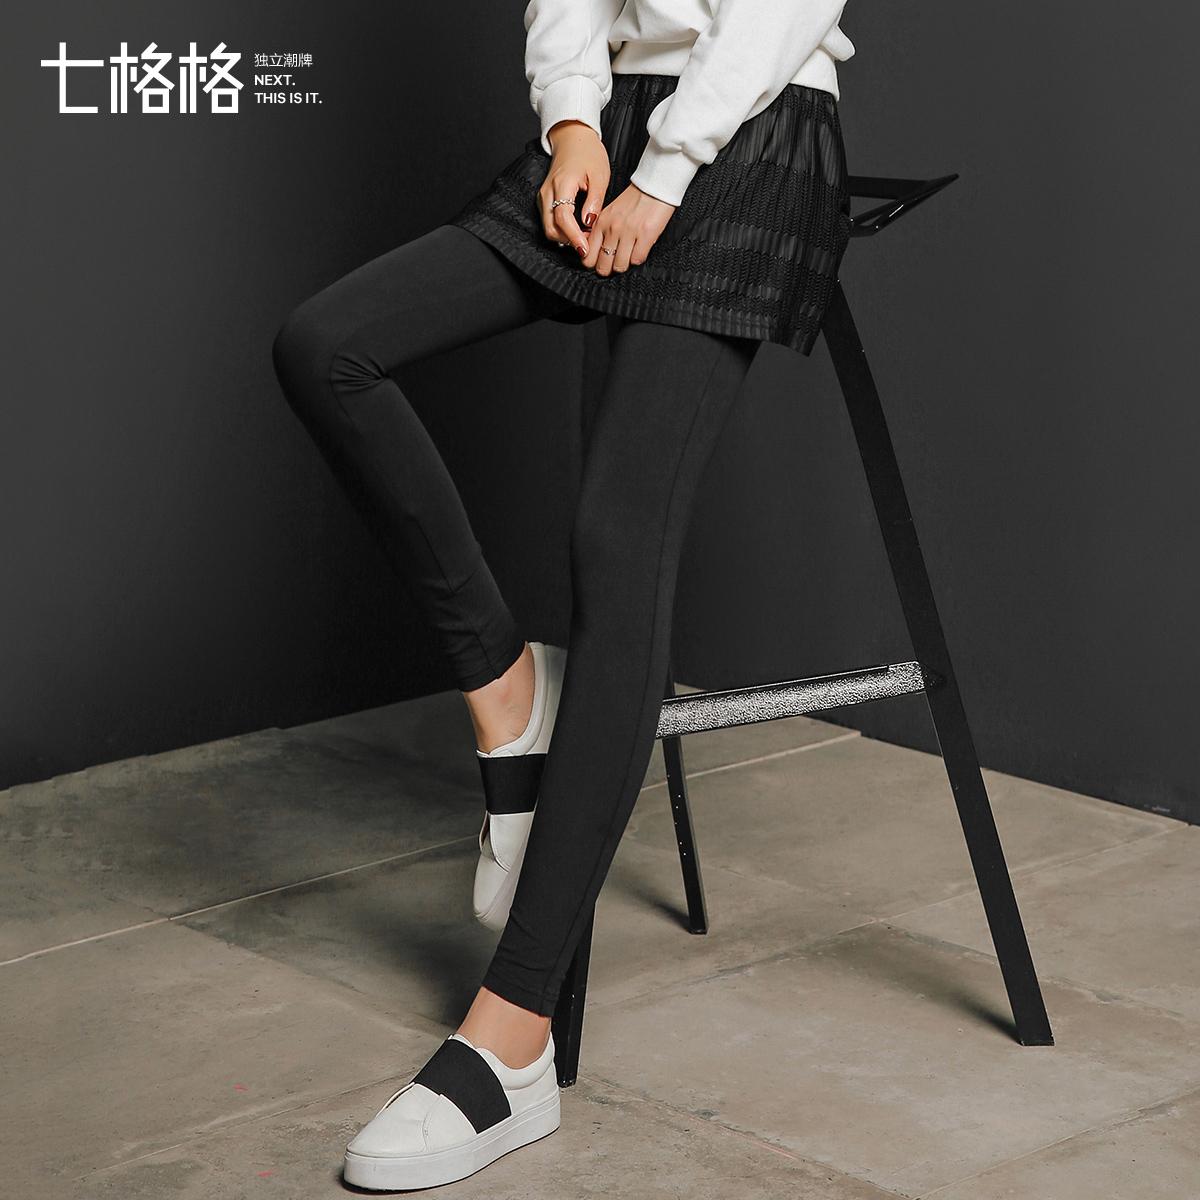 七格格 2017春装新款 百搭纯色假两件九分修身打底裤裙裤 女N123